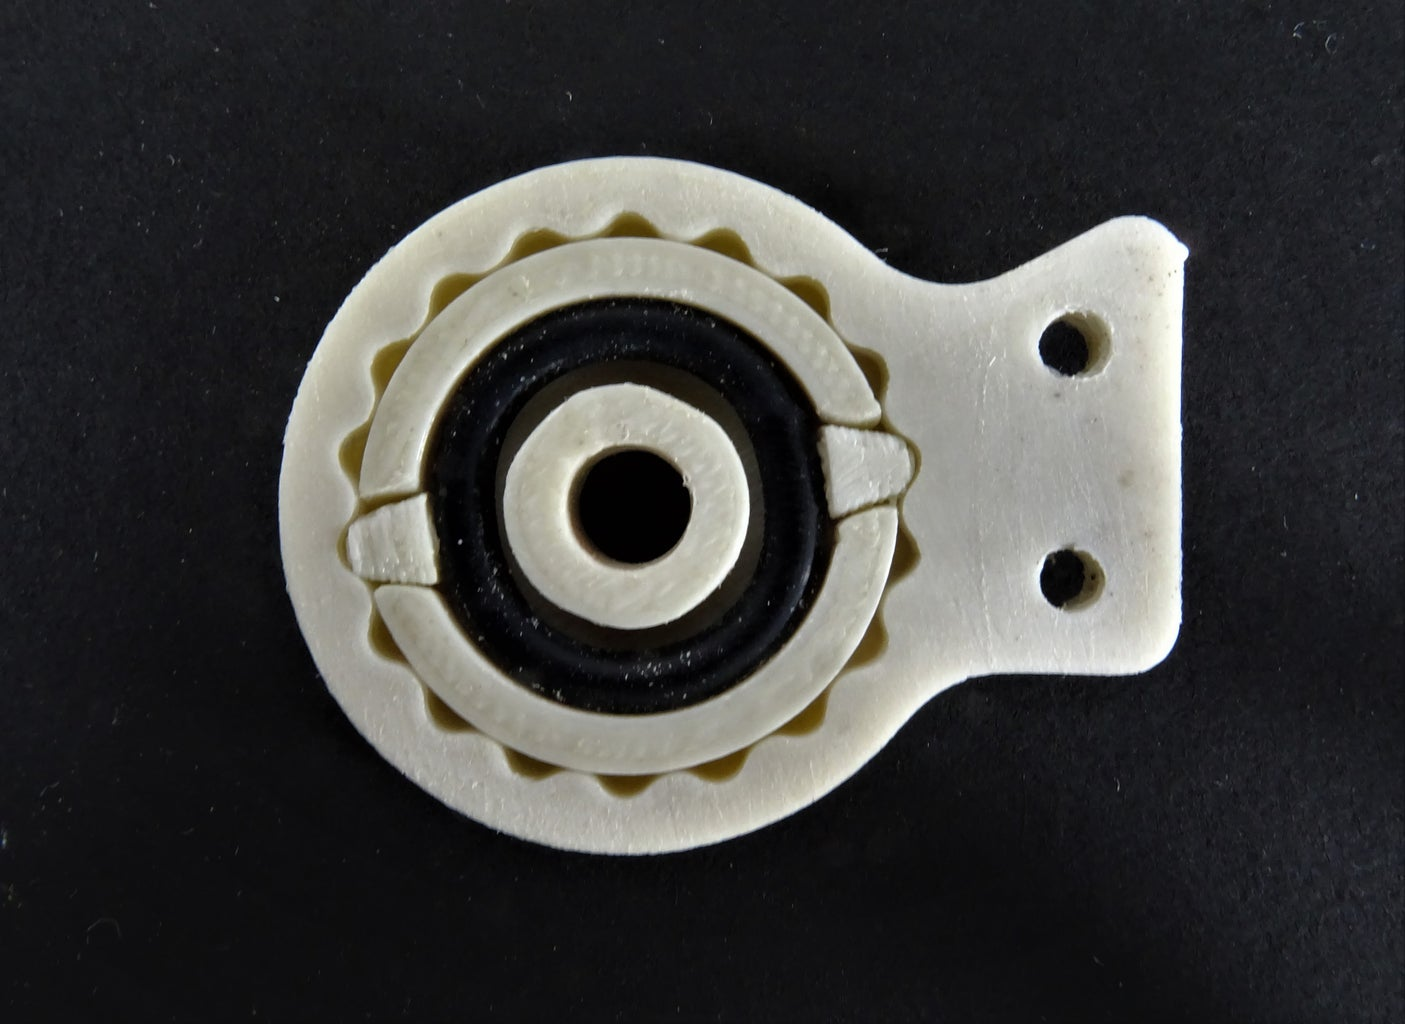 Assembling the Gear Mechanism